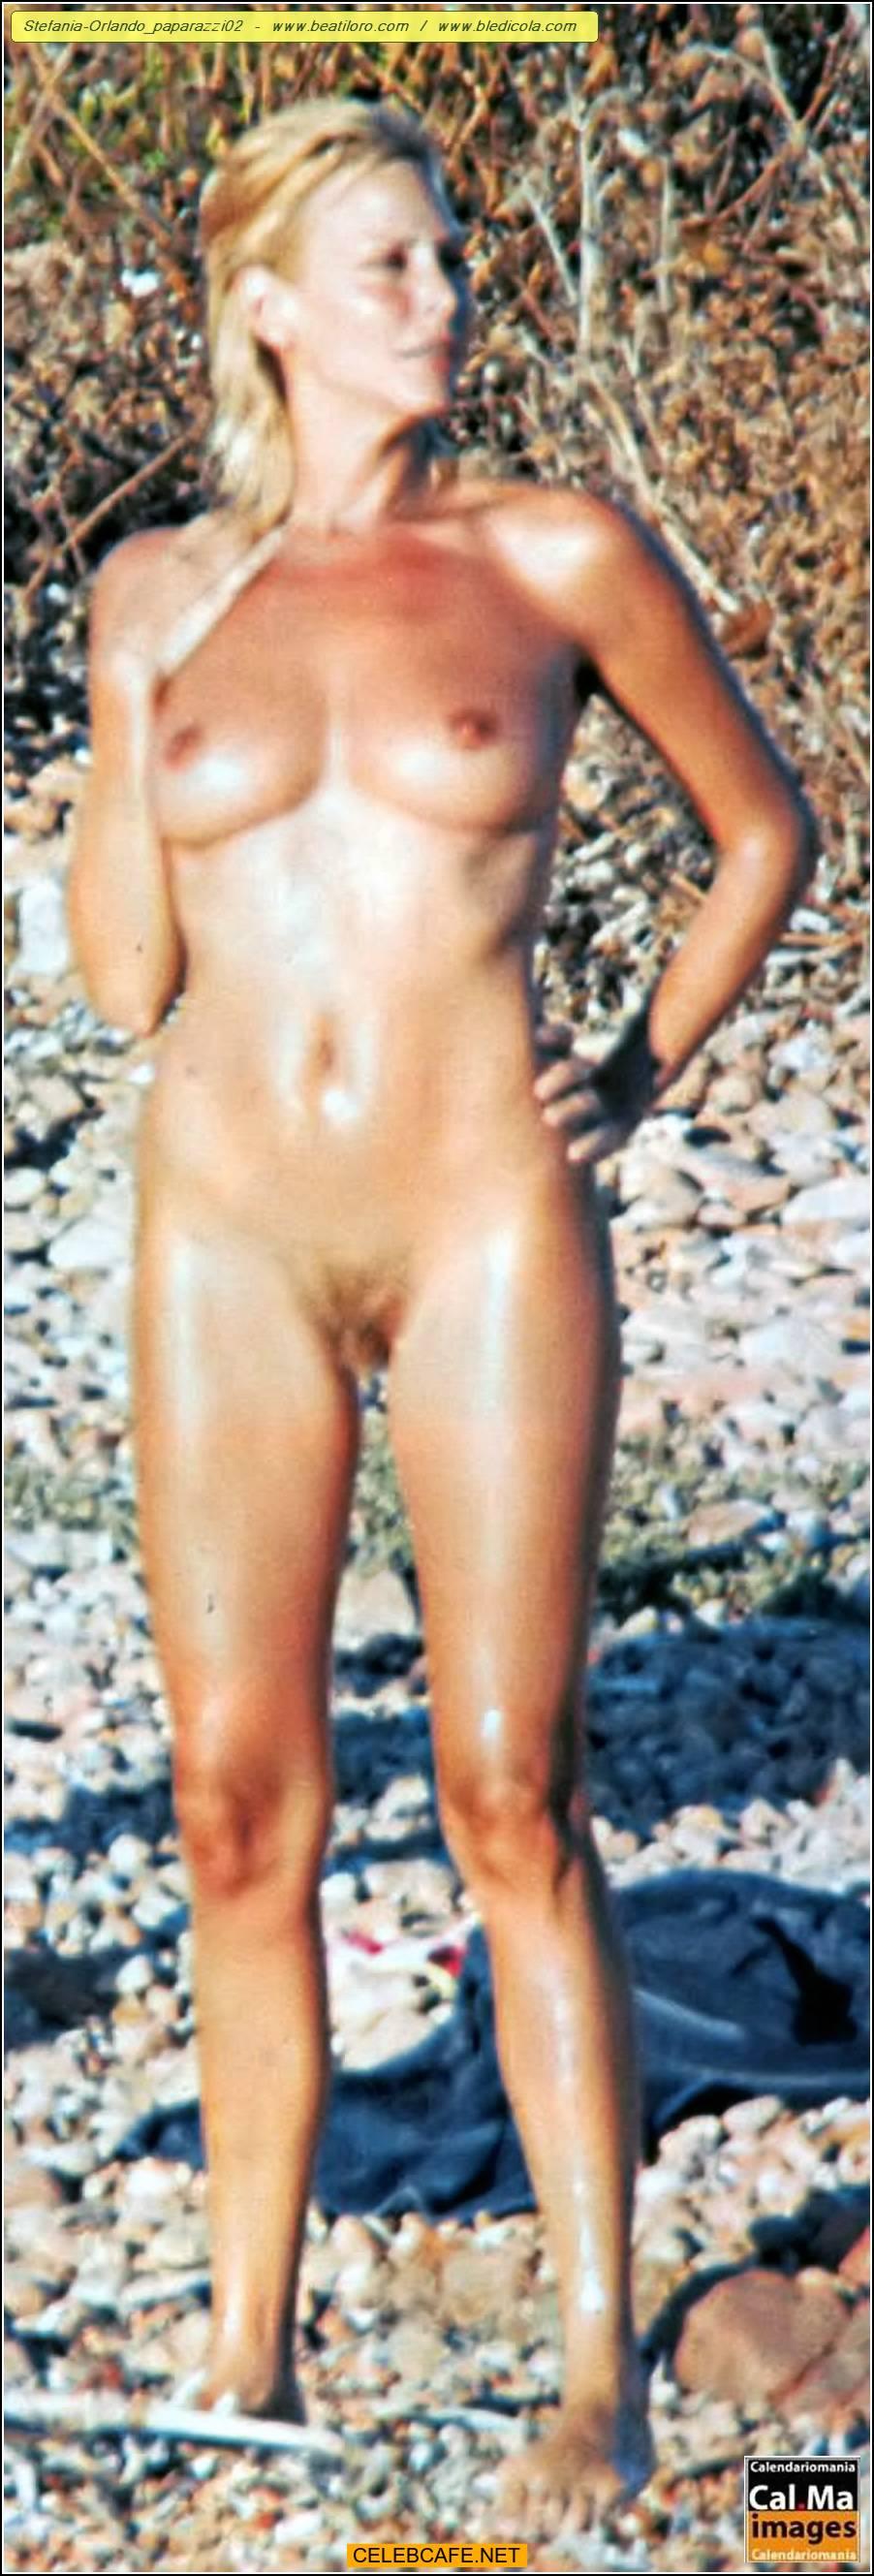 Free Nude Forum 69